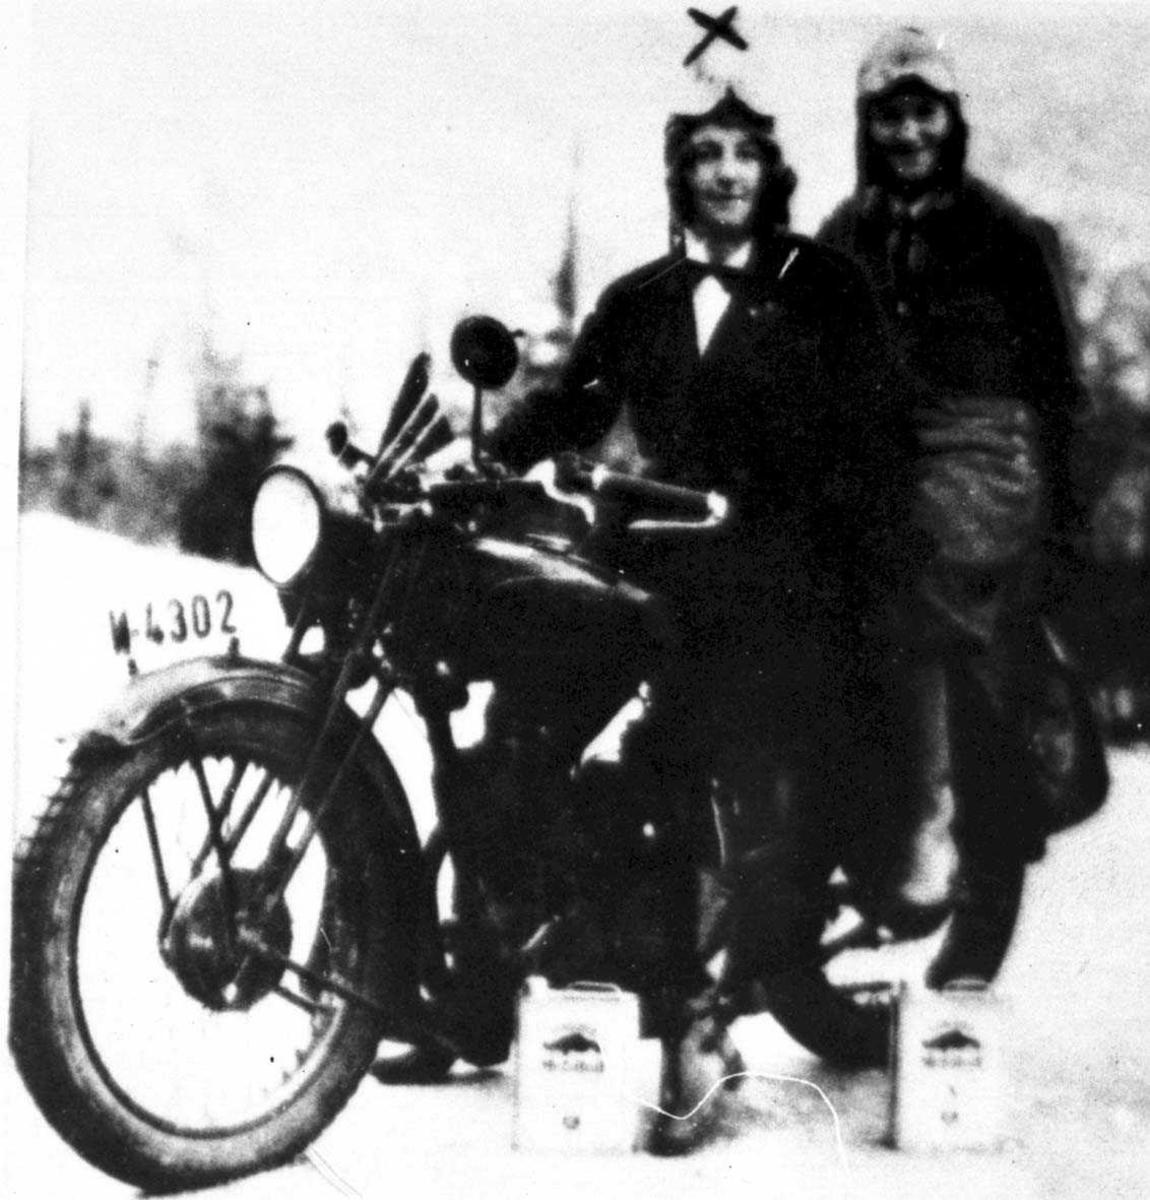 To kvinner på en motorsykkel. Motorsykkelen er en AJS 350 - kubikkcentimeter.